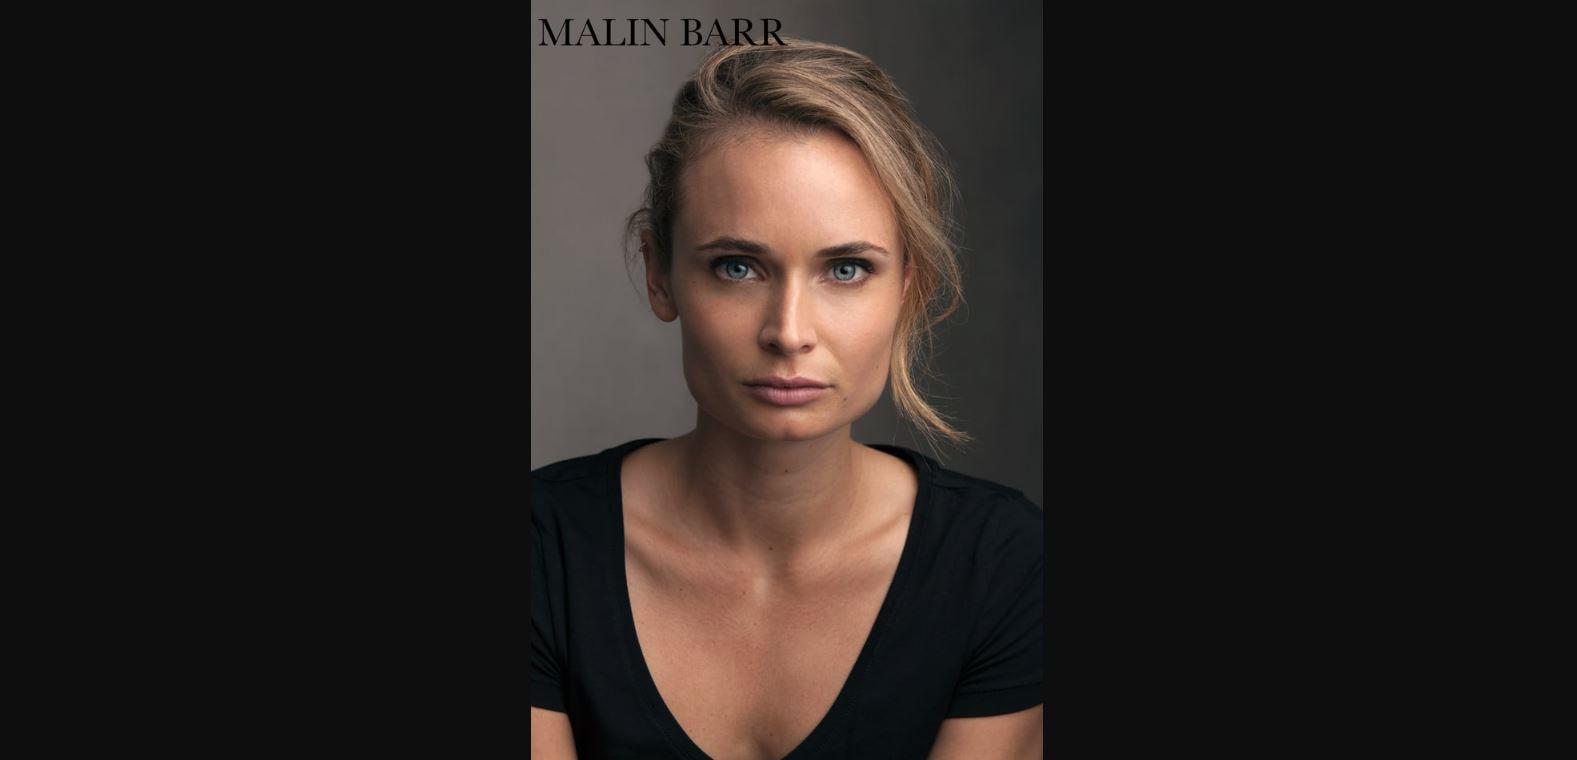 Malin Barr Reel 2017 AVI